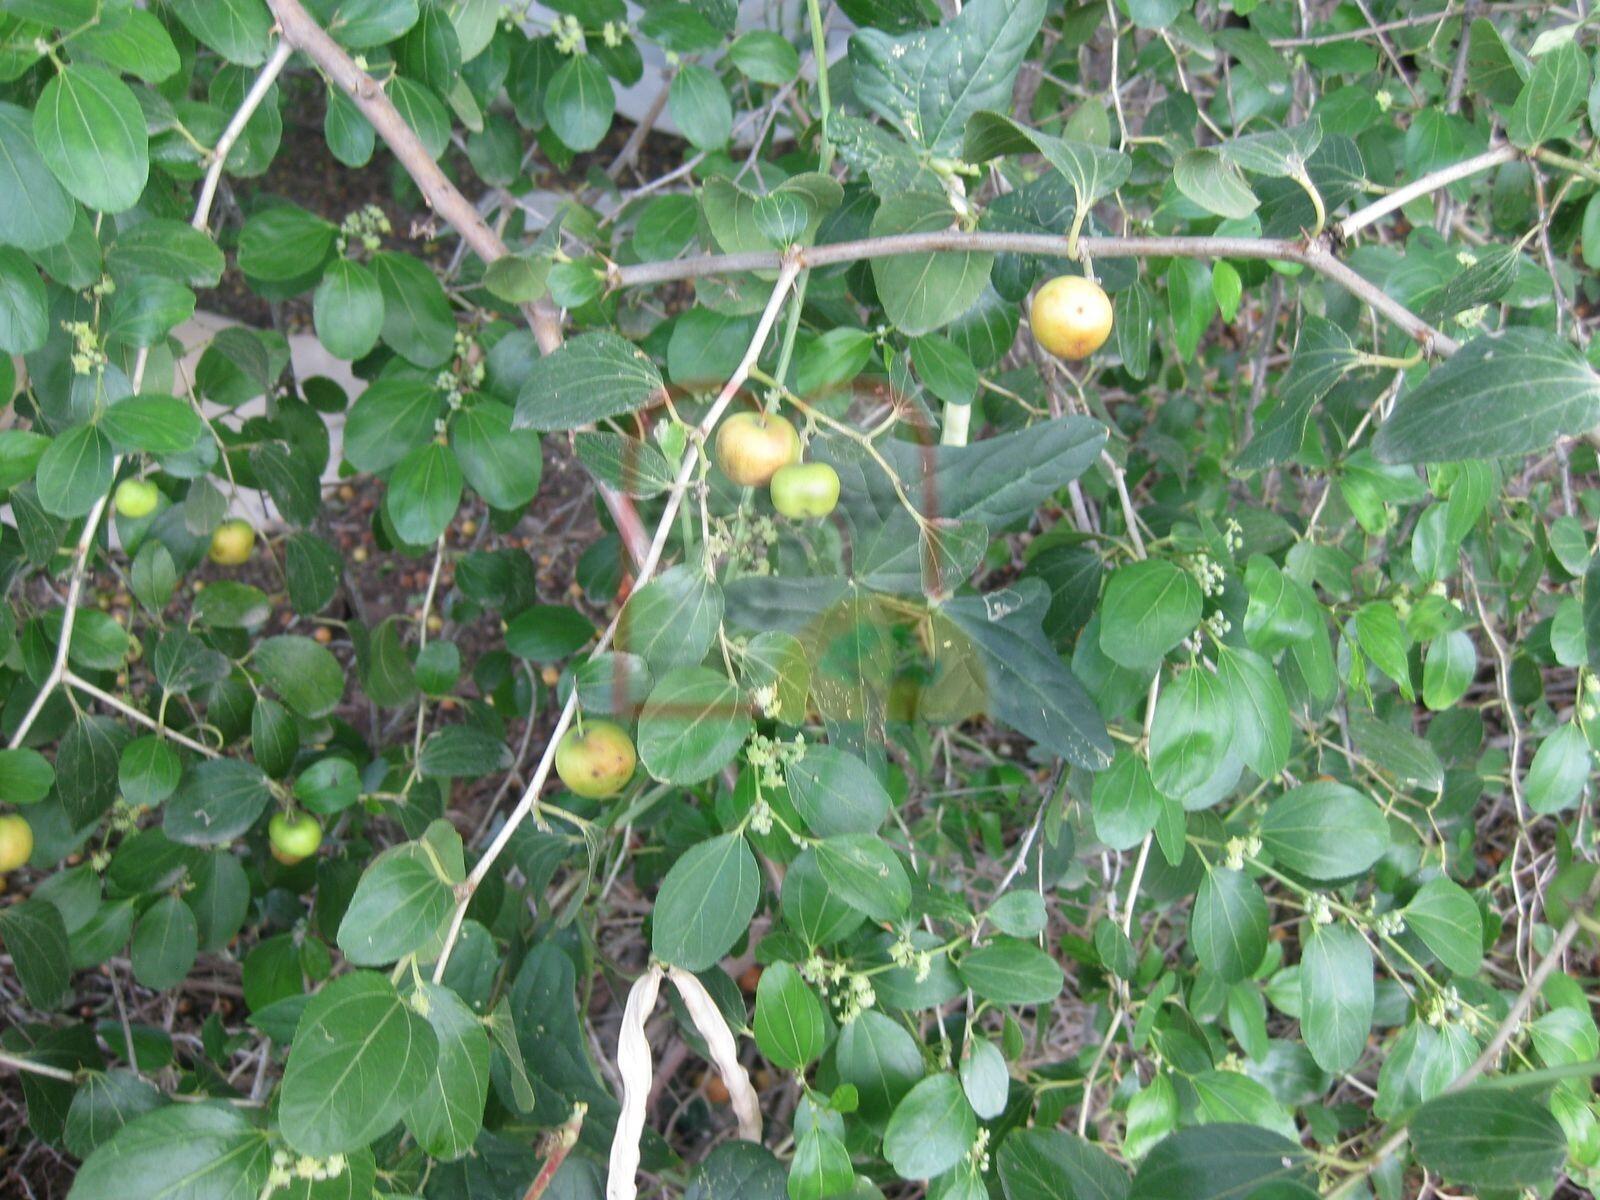 פירות שיזף מצוי על העץ